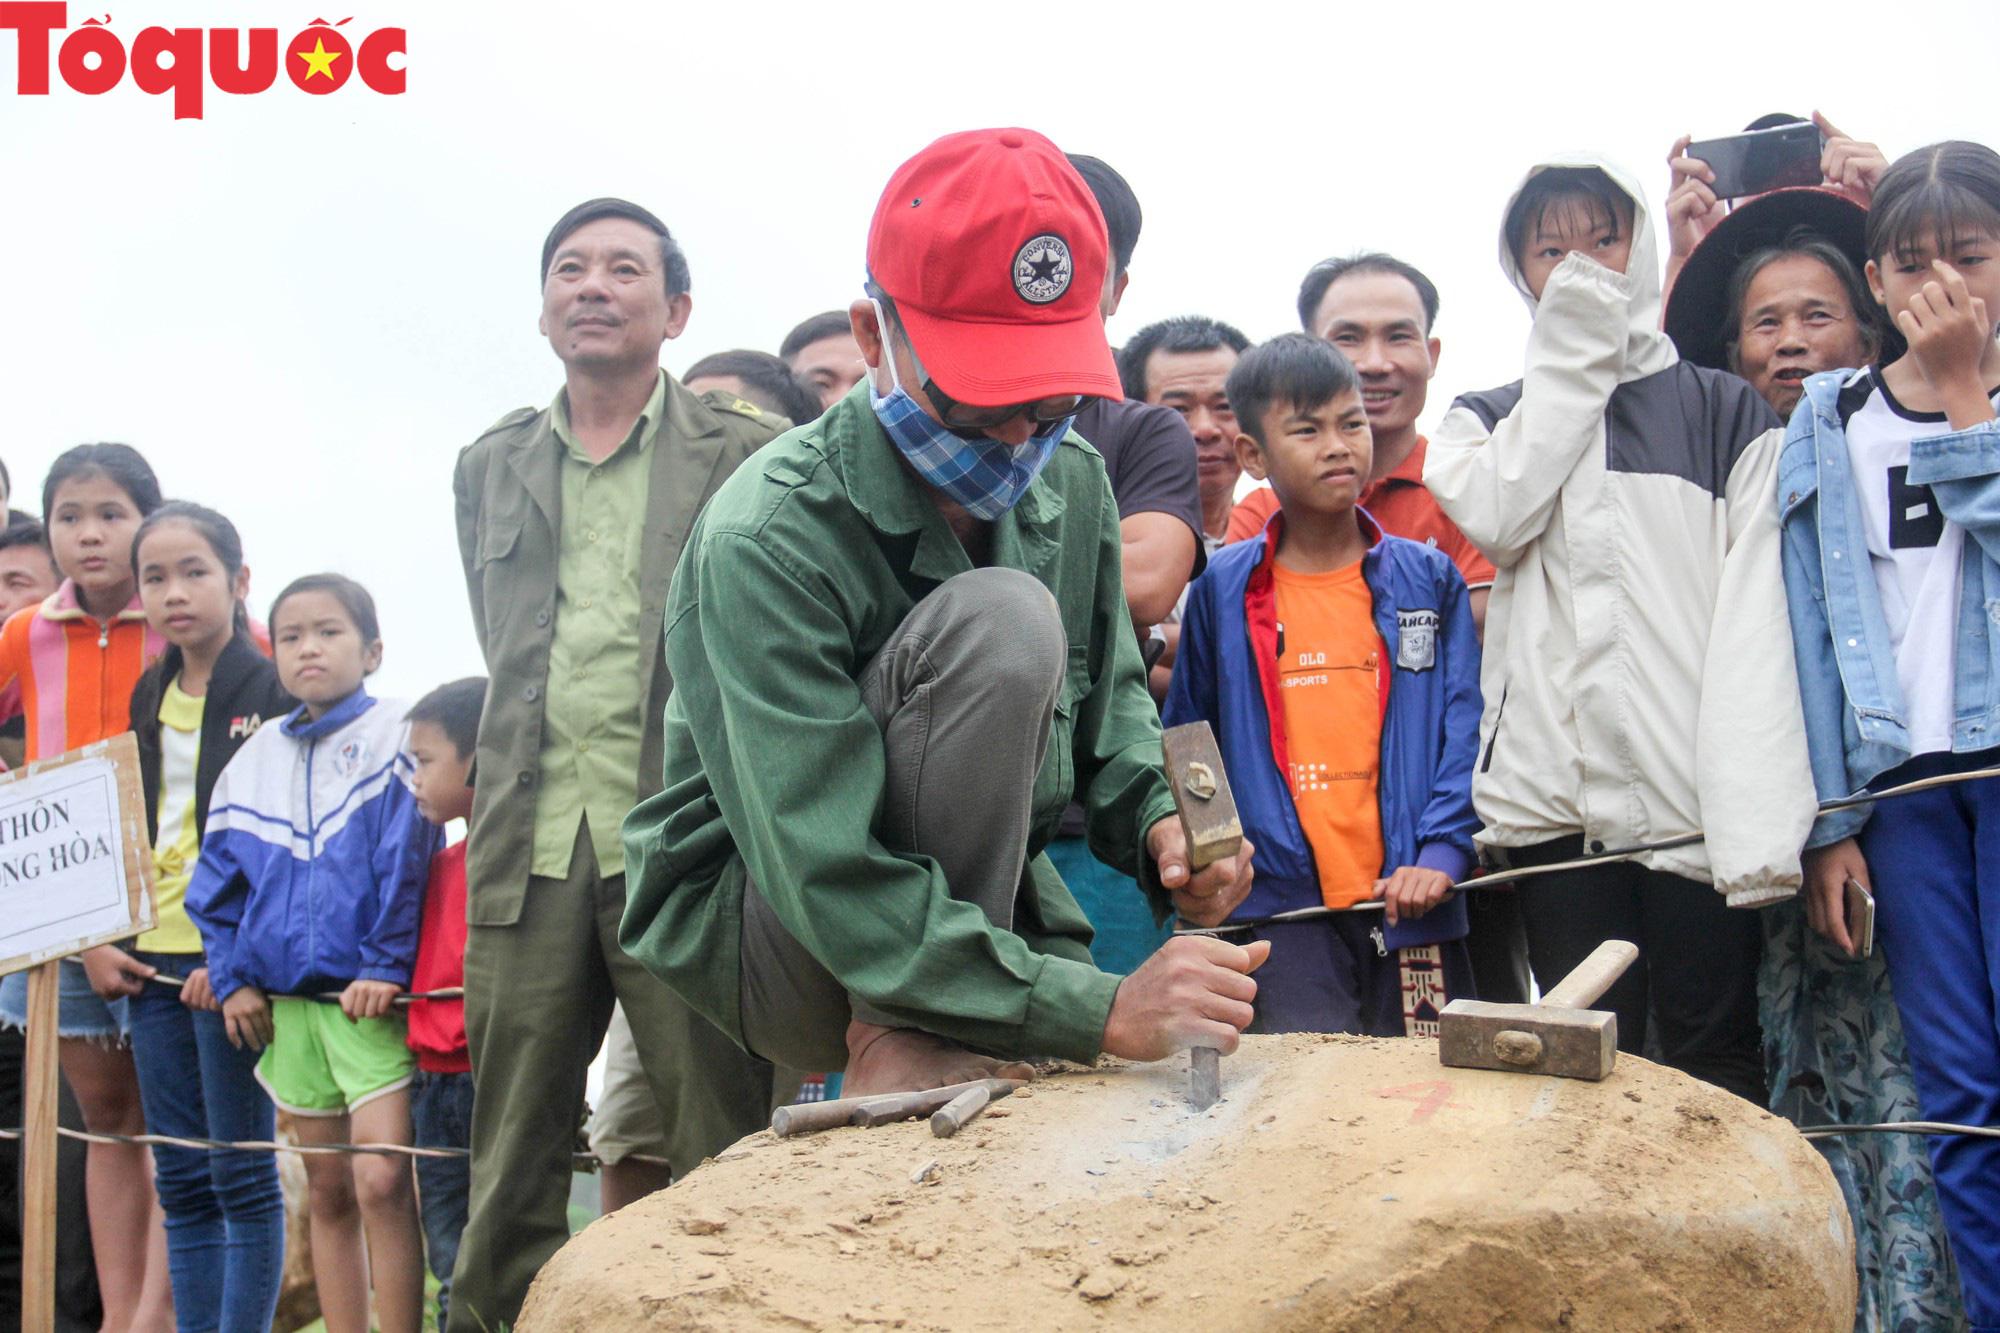 Độc đáo hội thi chẻ đá mồ côi ở Quảng Trị - Ảnh 2.